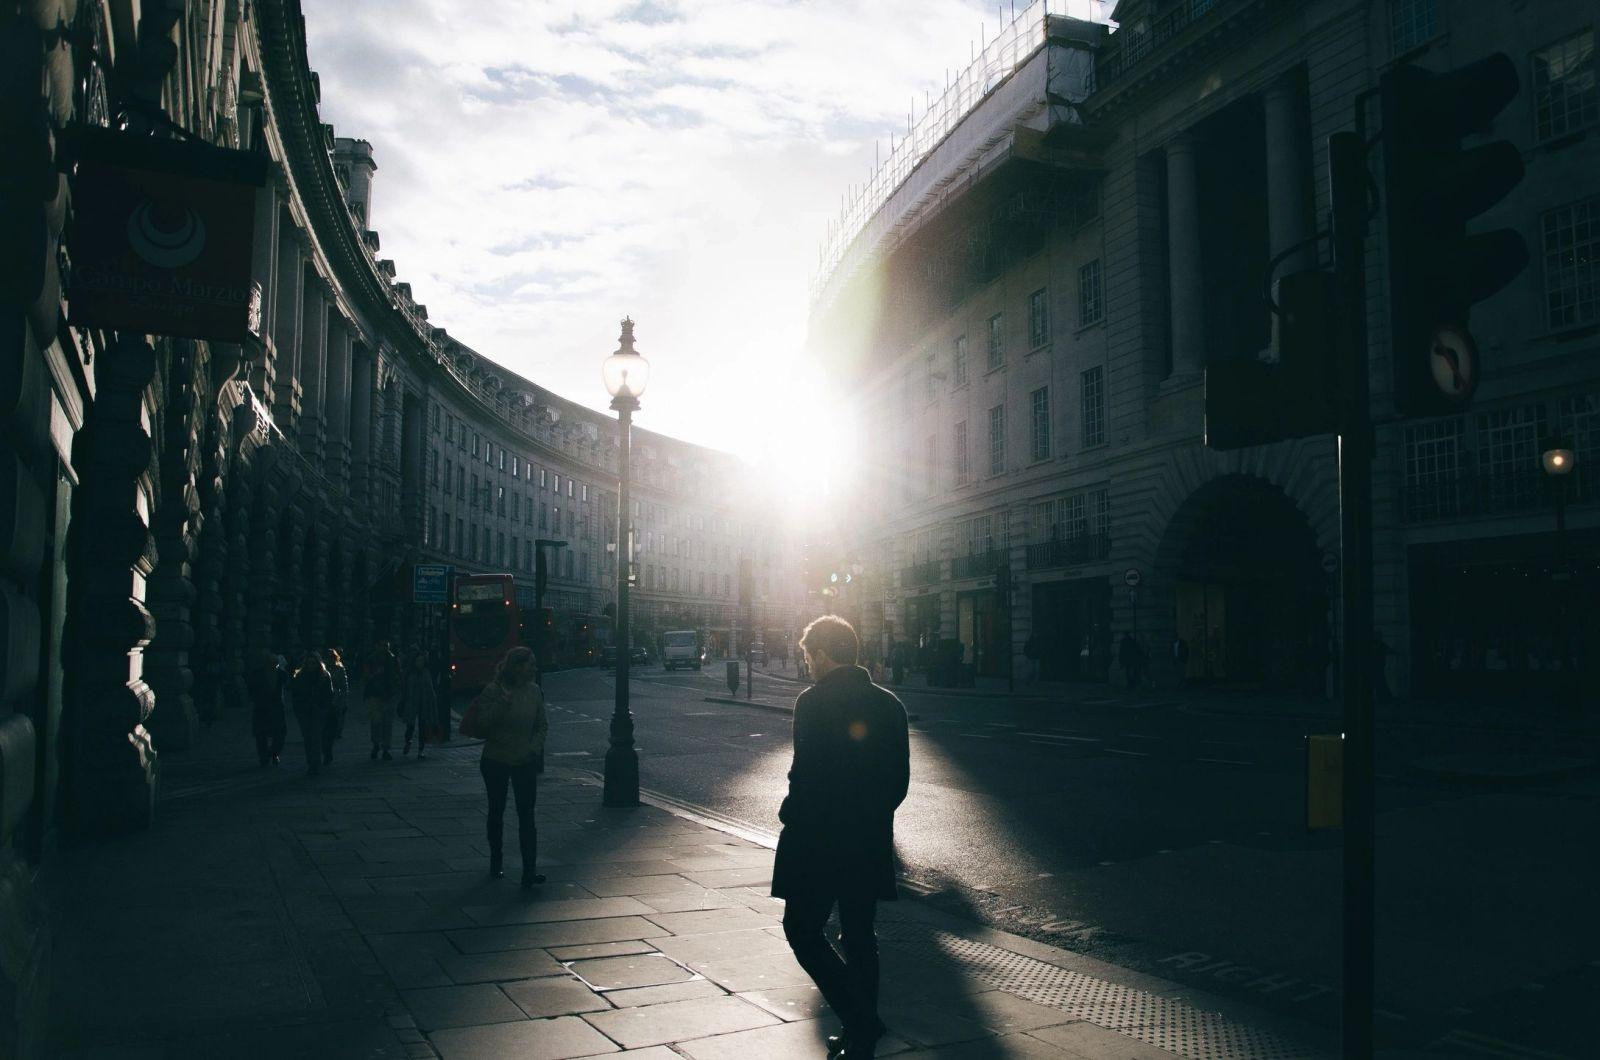 Persona caminando en un paisaje urbano un poco sombrío